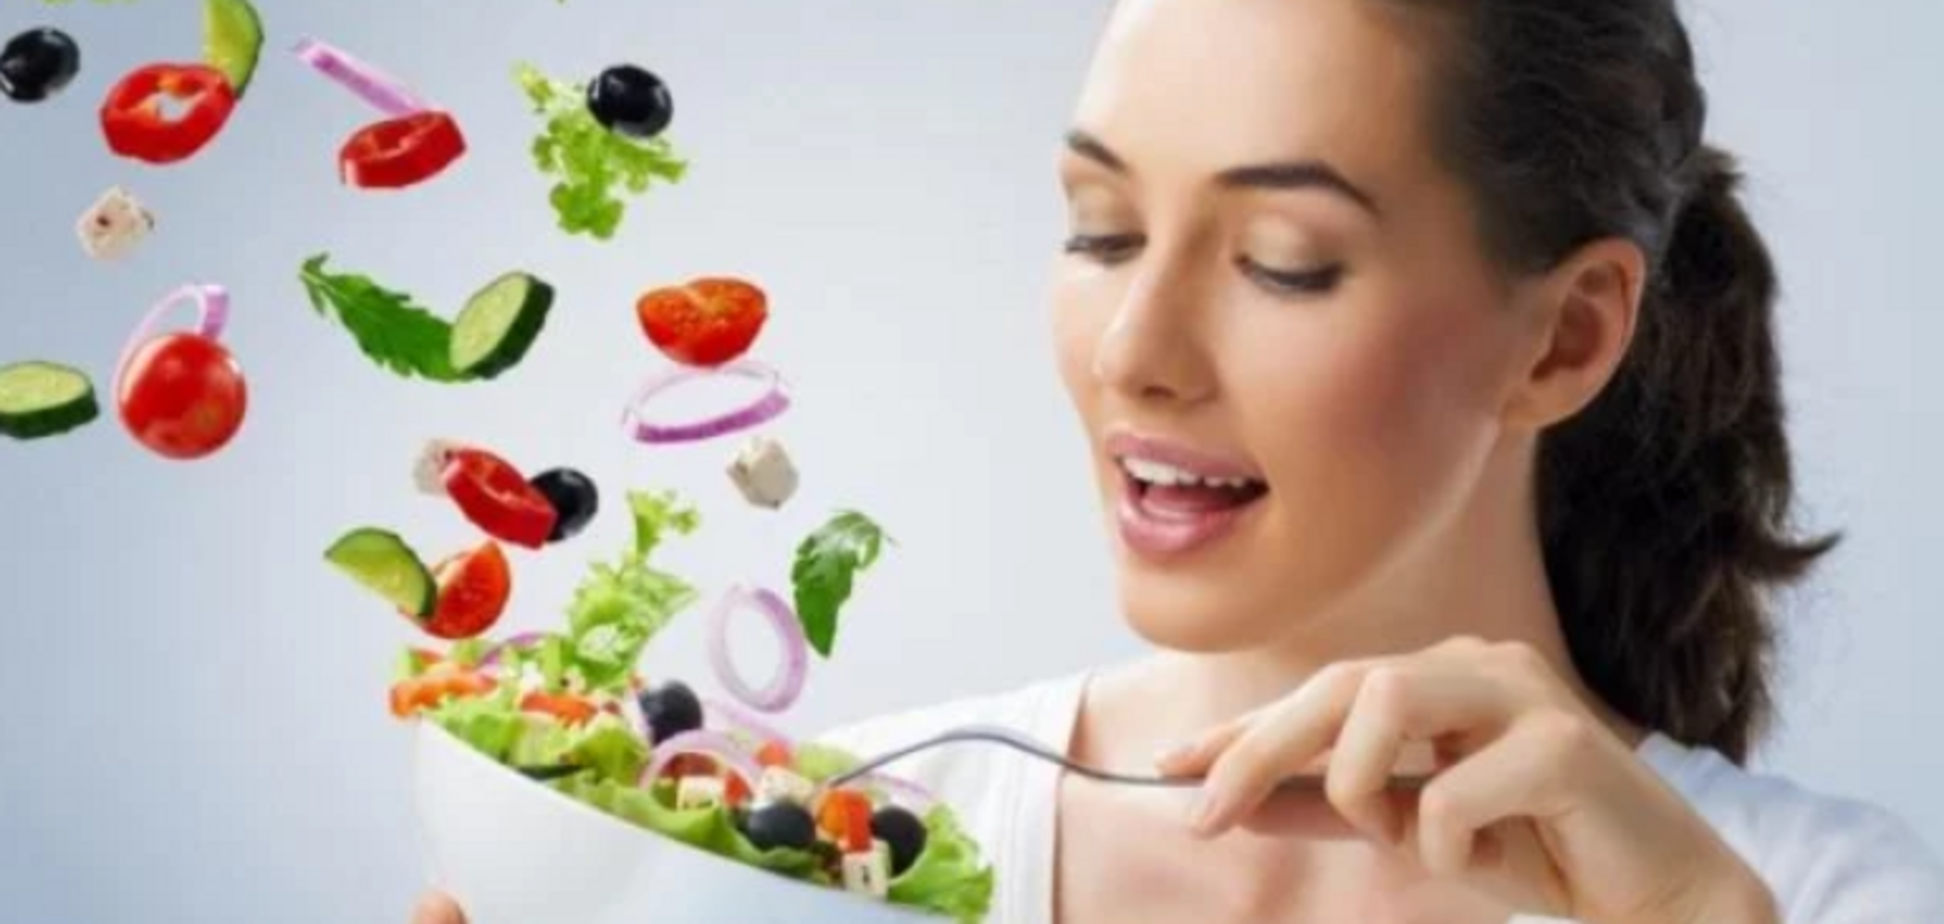 Дієта взимку: чим харчуватися, щоб не нудьгувати